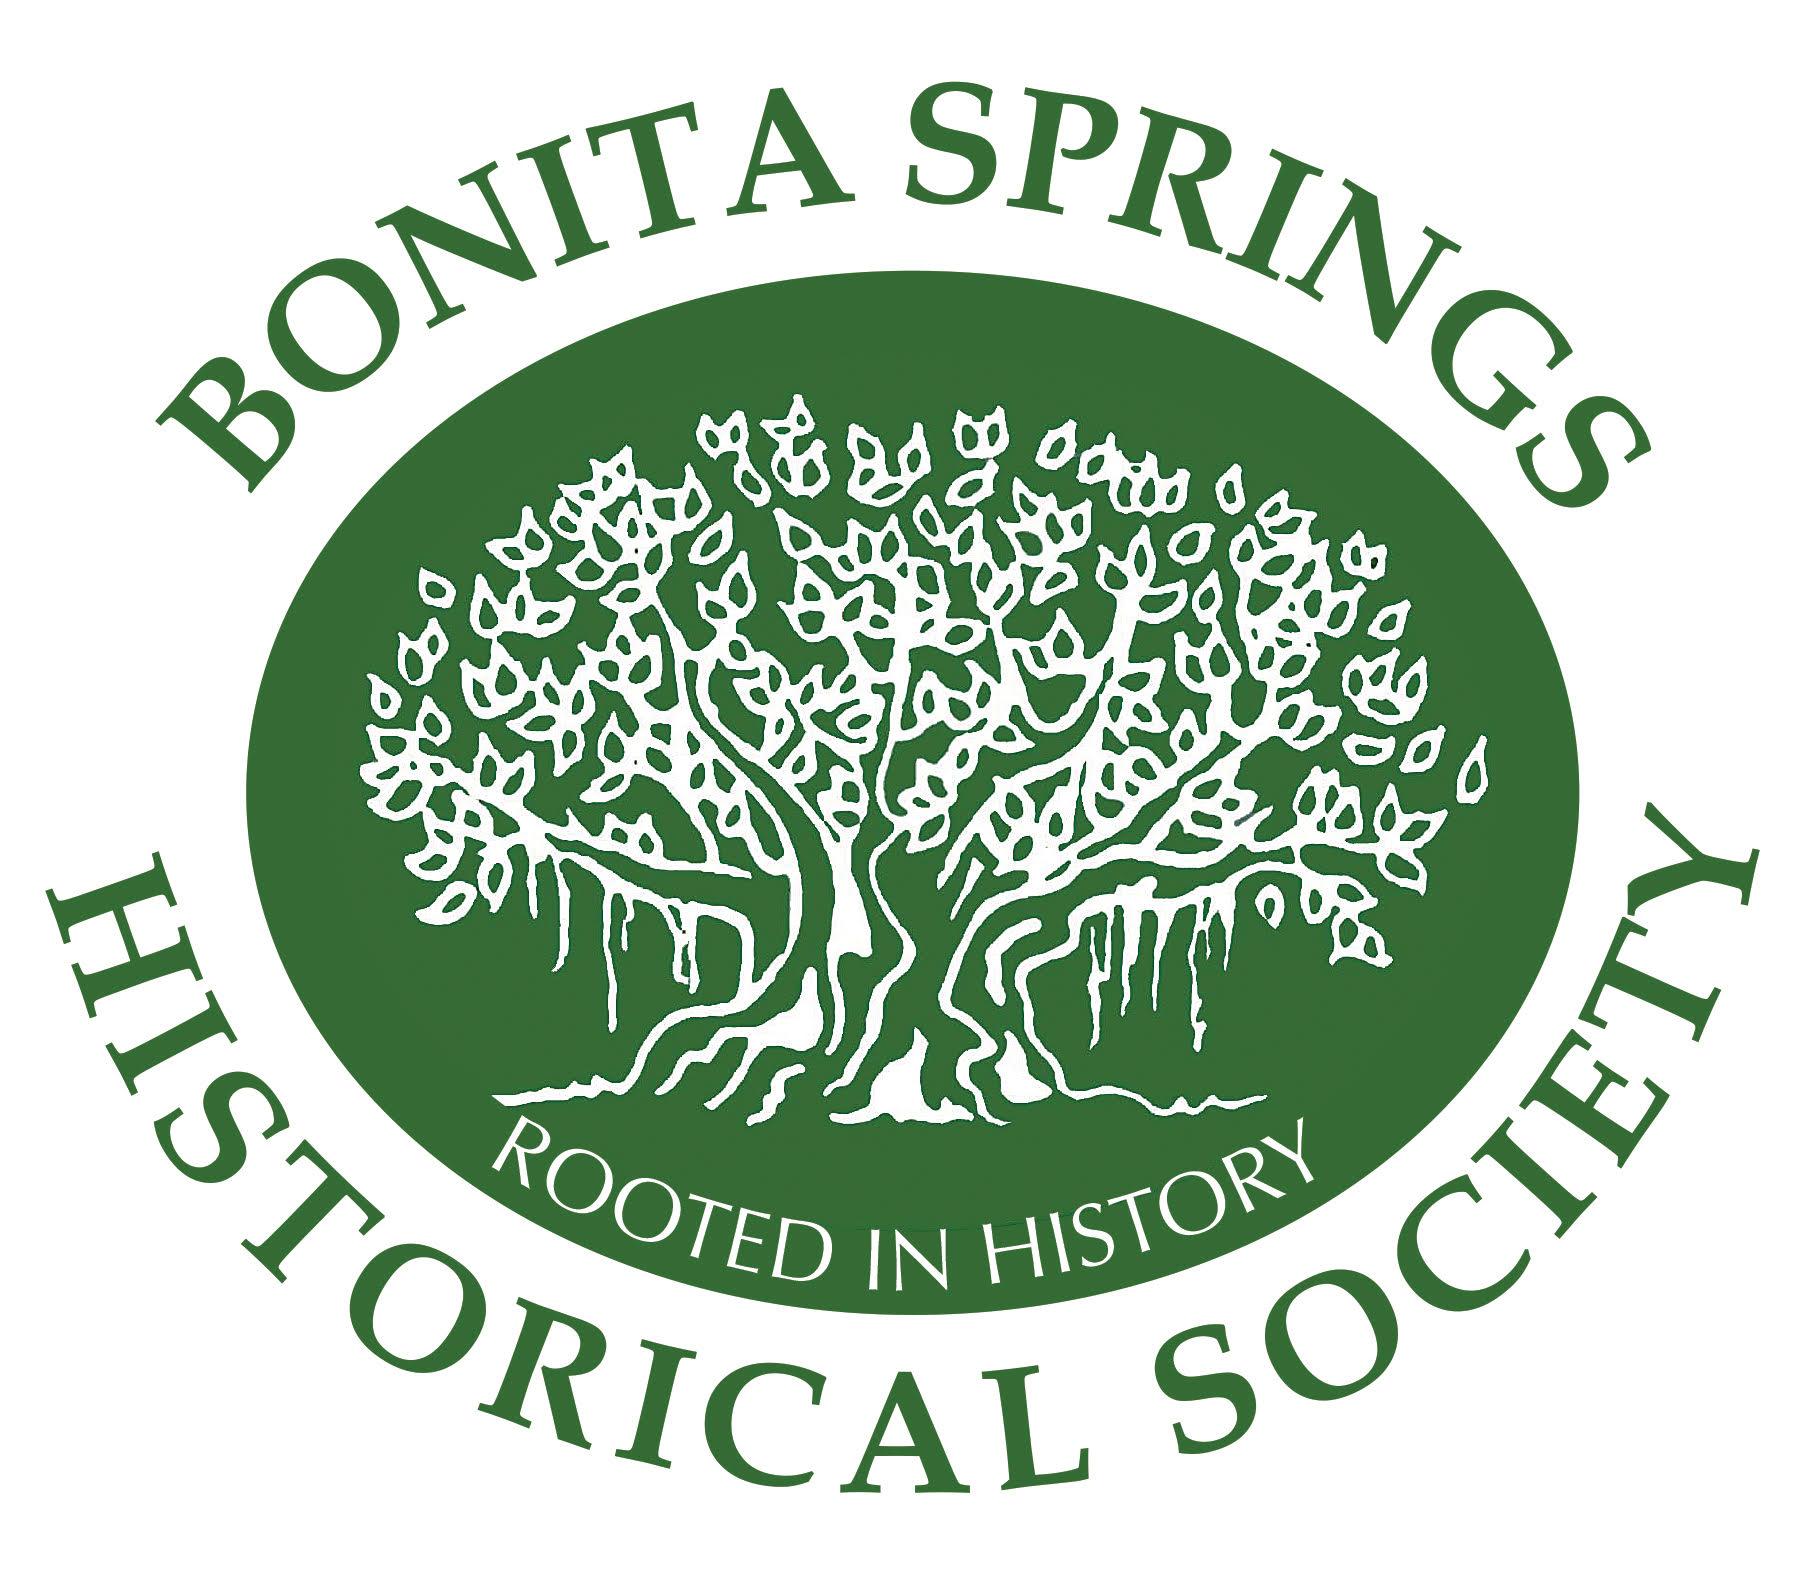 Venice Fl Calendar Of Events 2020.Bonita Brew Fest 2020 Tickets Sat Feb 22 2020 At 4 00 Pm